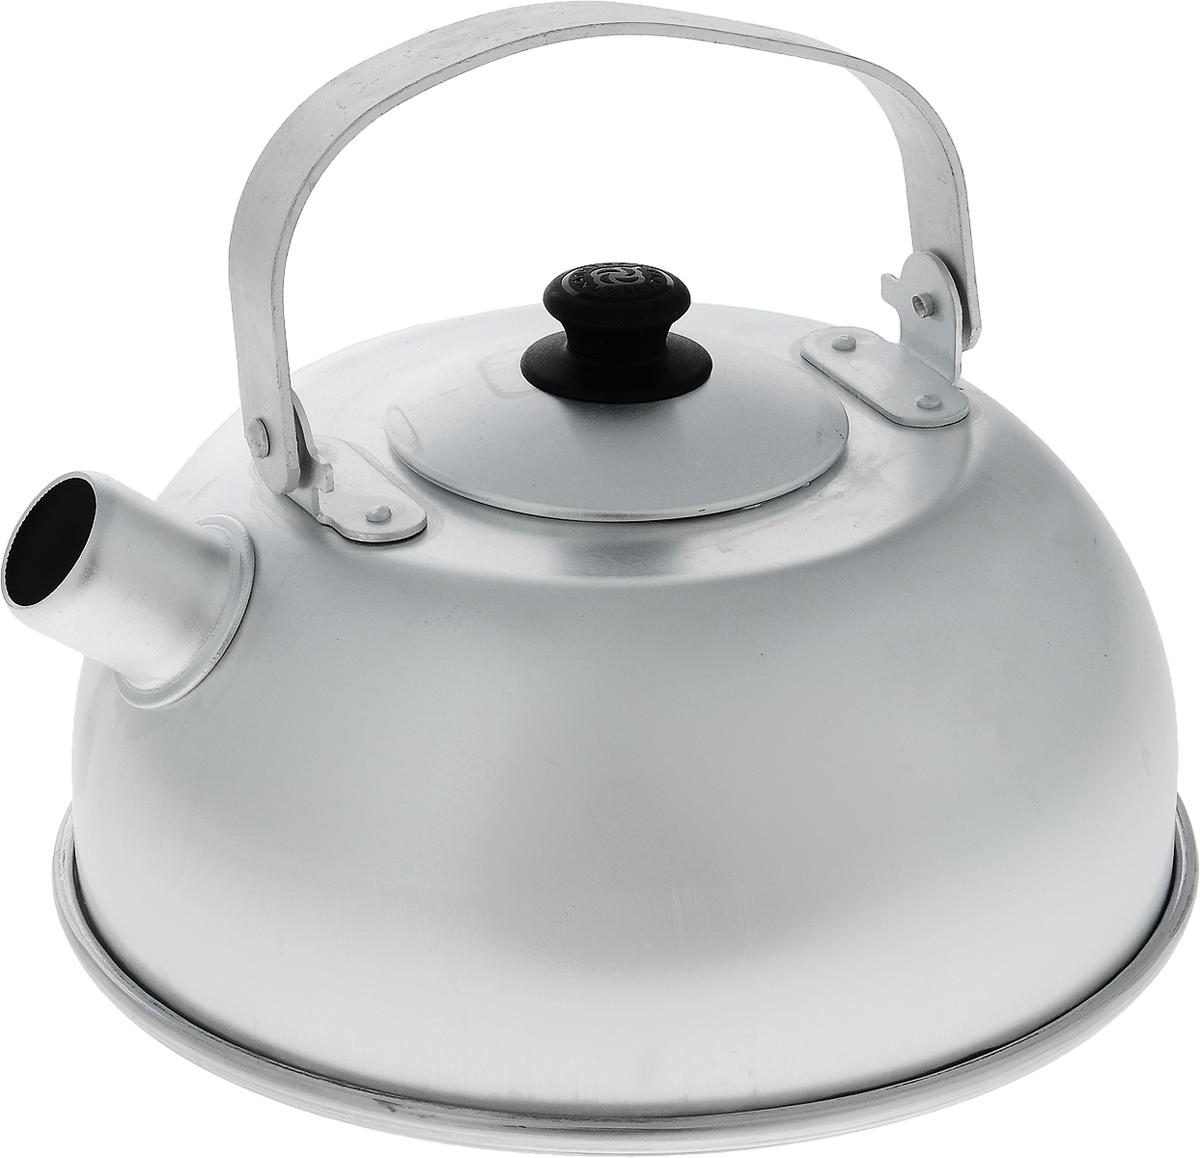 Чайник Kalitva, 5 л18502Чайник Kalitva выполнен из высококачественного литого алюминия. Благодаря хорошей теплопроводности алюминия, вода закипает в нем быстрее, чем в эмалированных чайниках. Изделие оснащено крышкой и удобной ручкой. Поверхность чайника гладкая, что облегчает уход за ним. Эстетичный и функциональный чайник будет оригинальносмотреться в любом интерьере.Подходит для газовых, электрических и стеклокерамических плит.Высота чайника (без учета ручки и крышки): 11 см. Высота чайника (с учетом ручки и крышки): 22 см. Диаметр чайника (по верхнему краю): 10 см.Диаметр основания: 21,5 см.